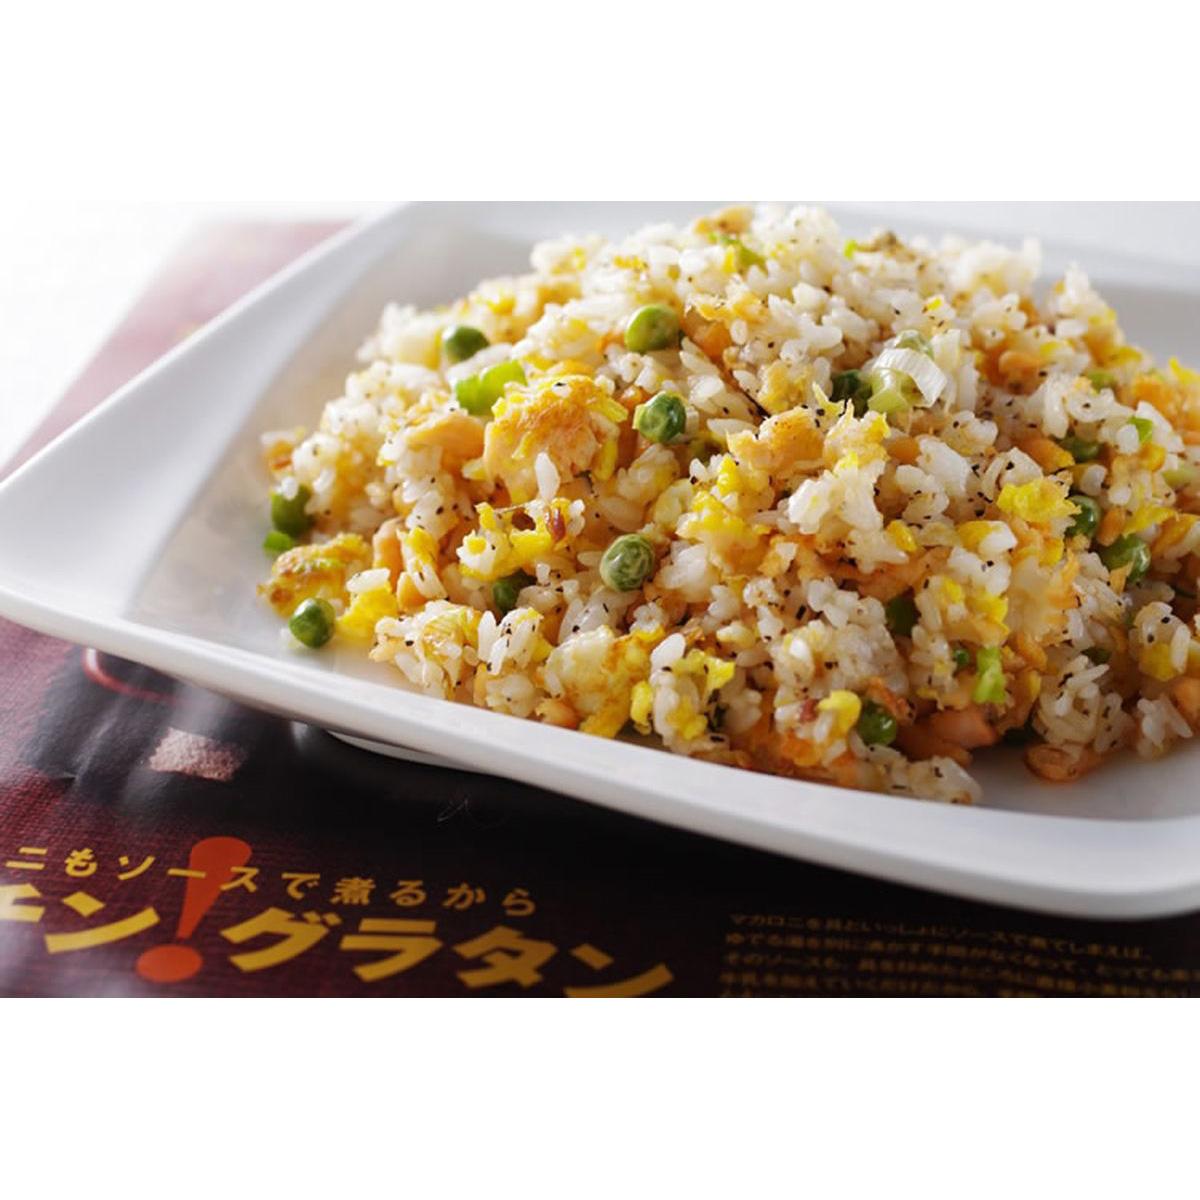 食譜:鮭魚炒飯(6)